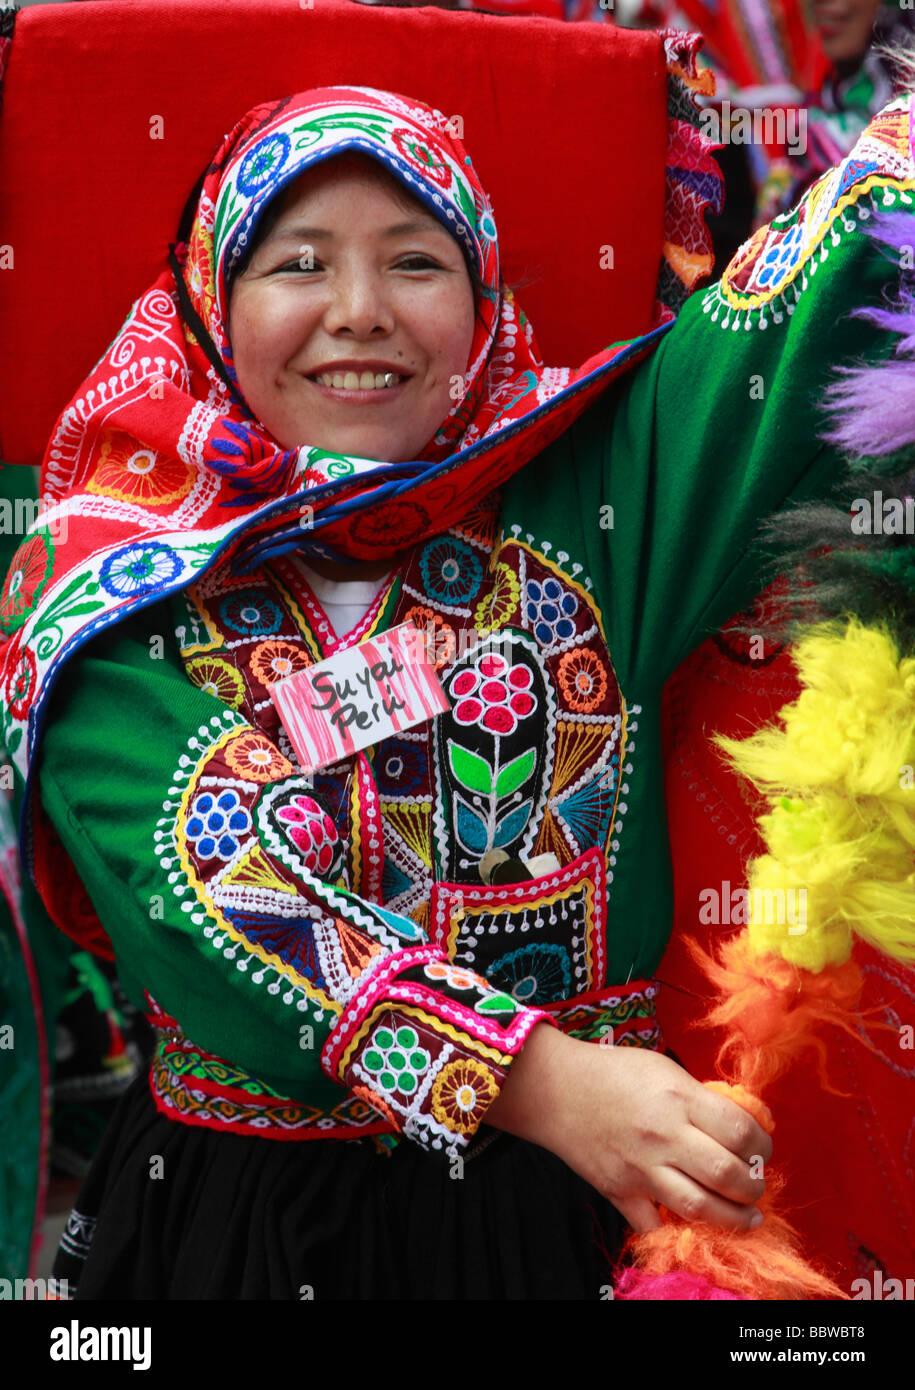 Germania Berlino carnevale di culture Donna Peruviana in abito tradizionale Immagini Stock